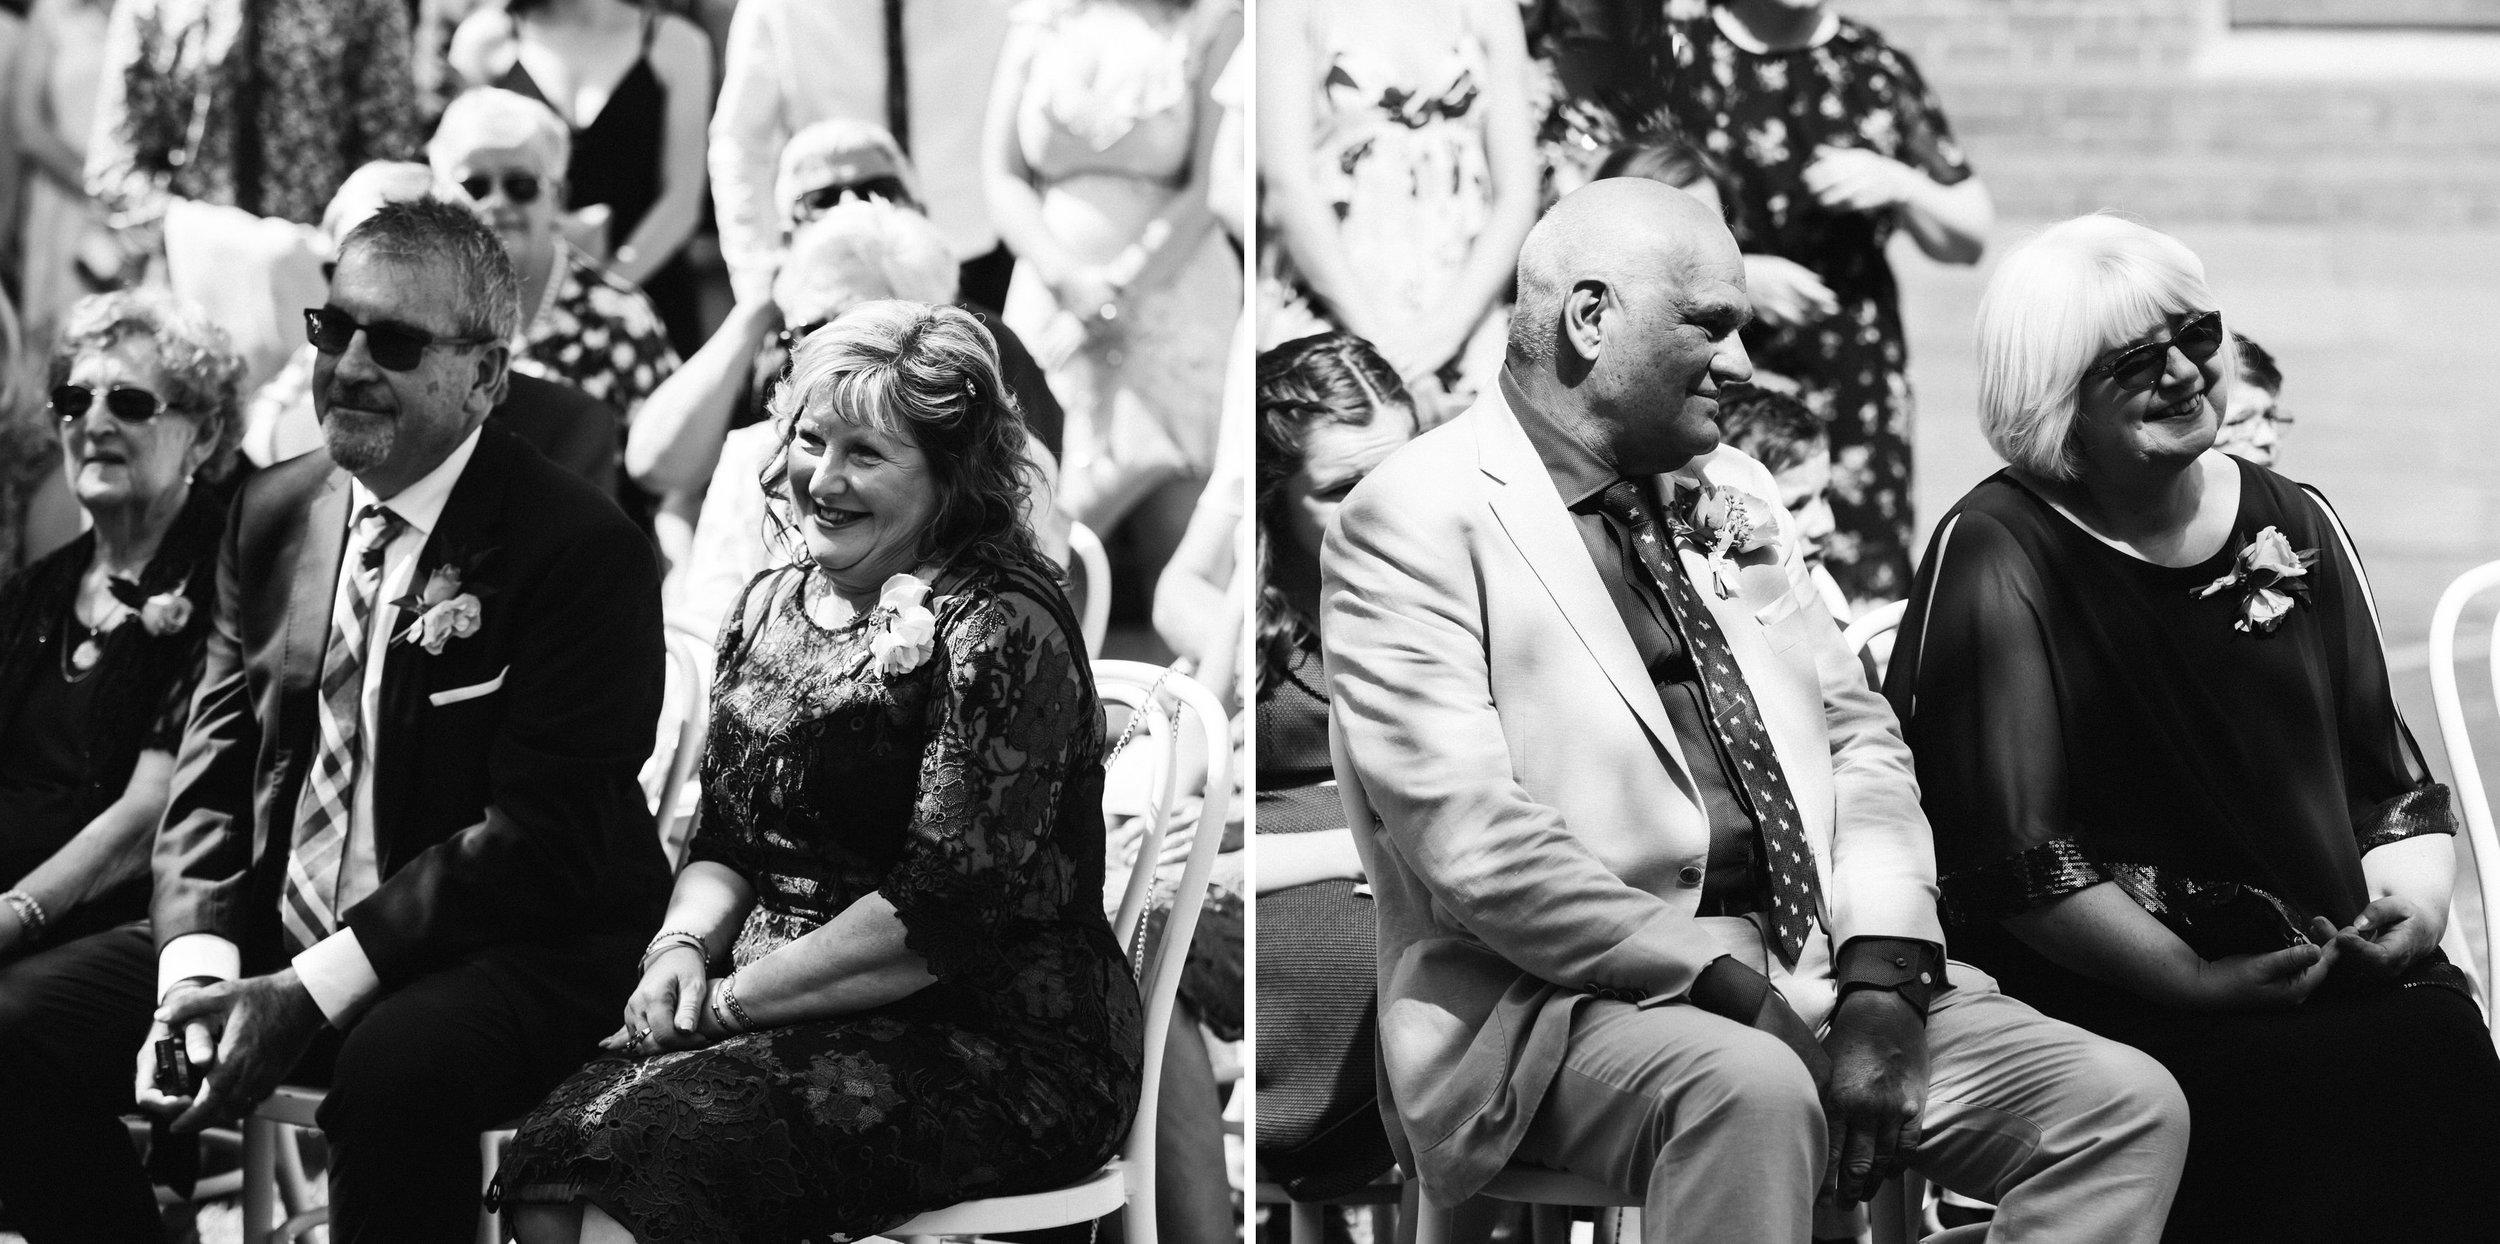 Adelaide City Fringe Garden Unearthly Delight Wedding 042.jpg